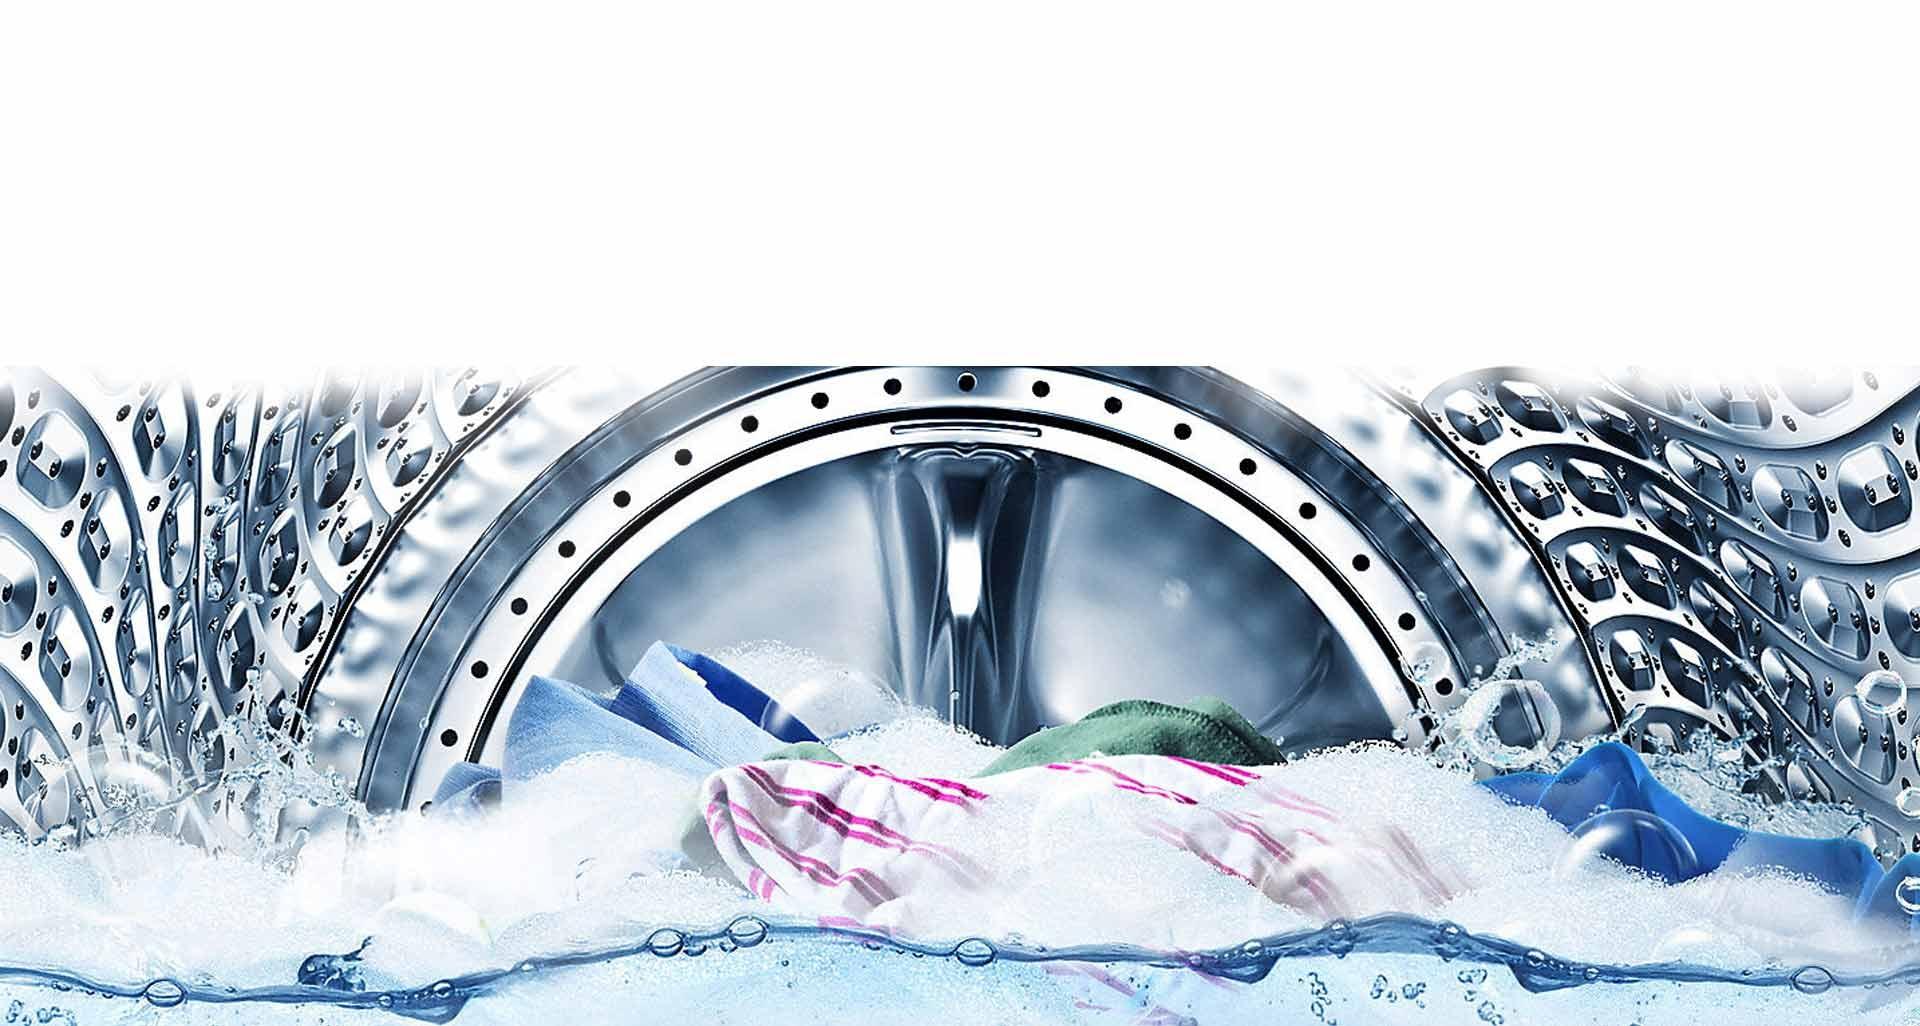 پاک کردن لکه های عمیق، تخصص لباسشویی QuickDrive سامسونگ